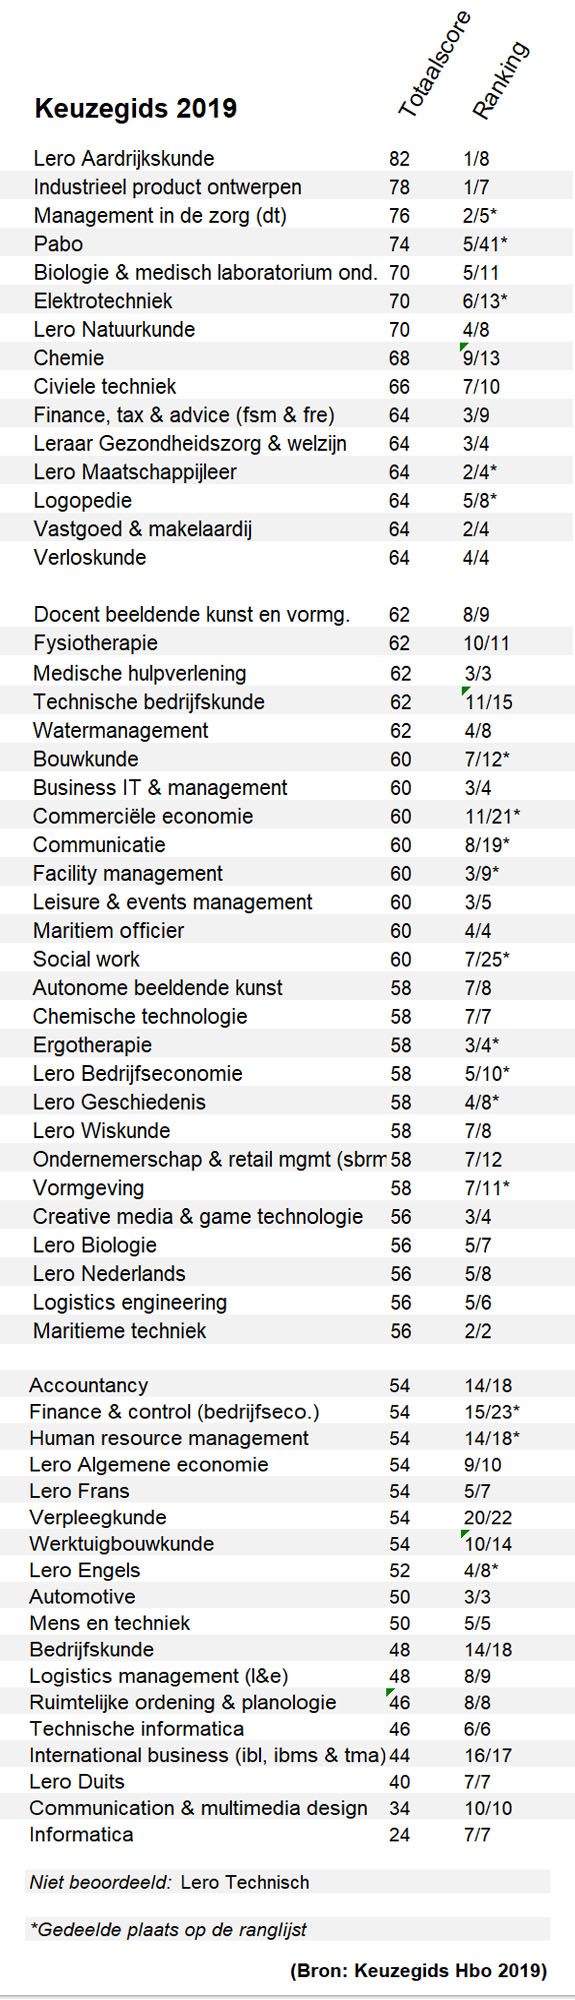 Keuzegids lijst met oordelen over alle HR-opleidingen